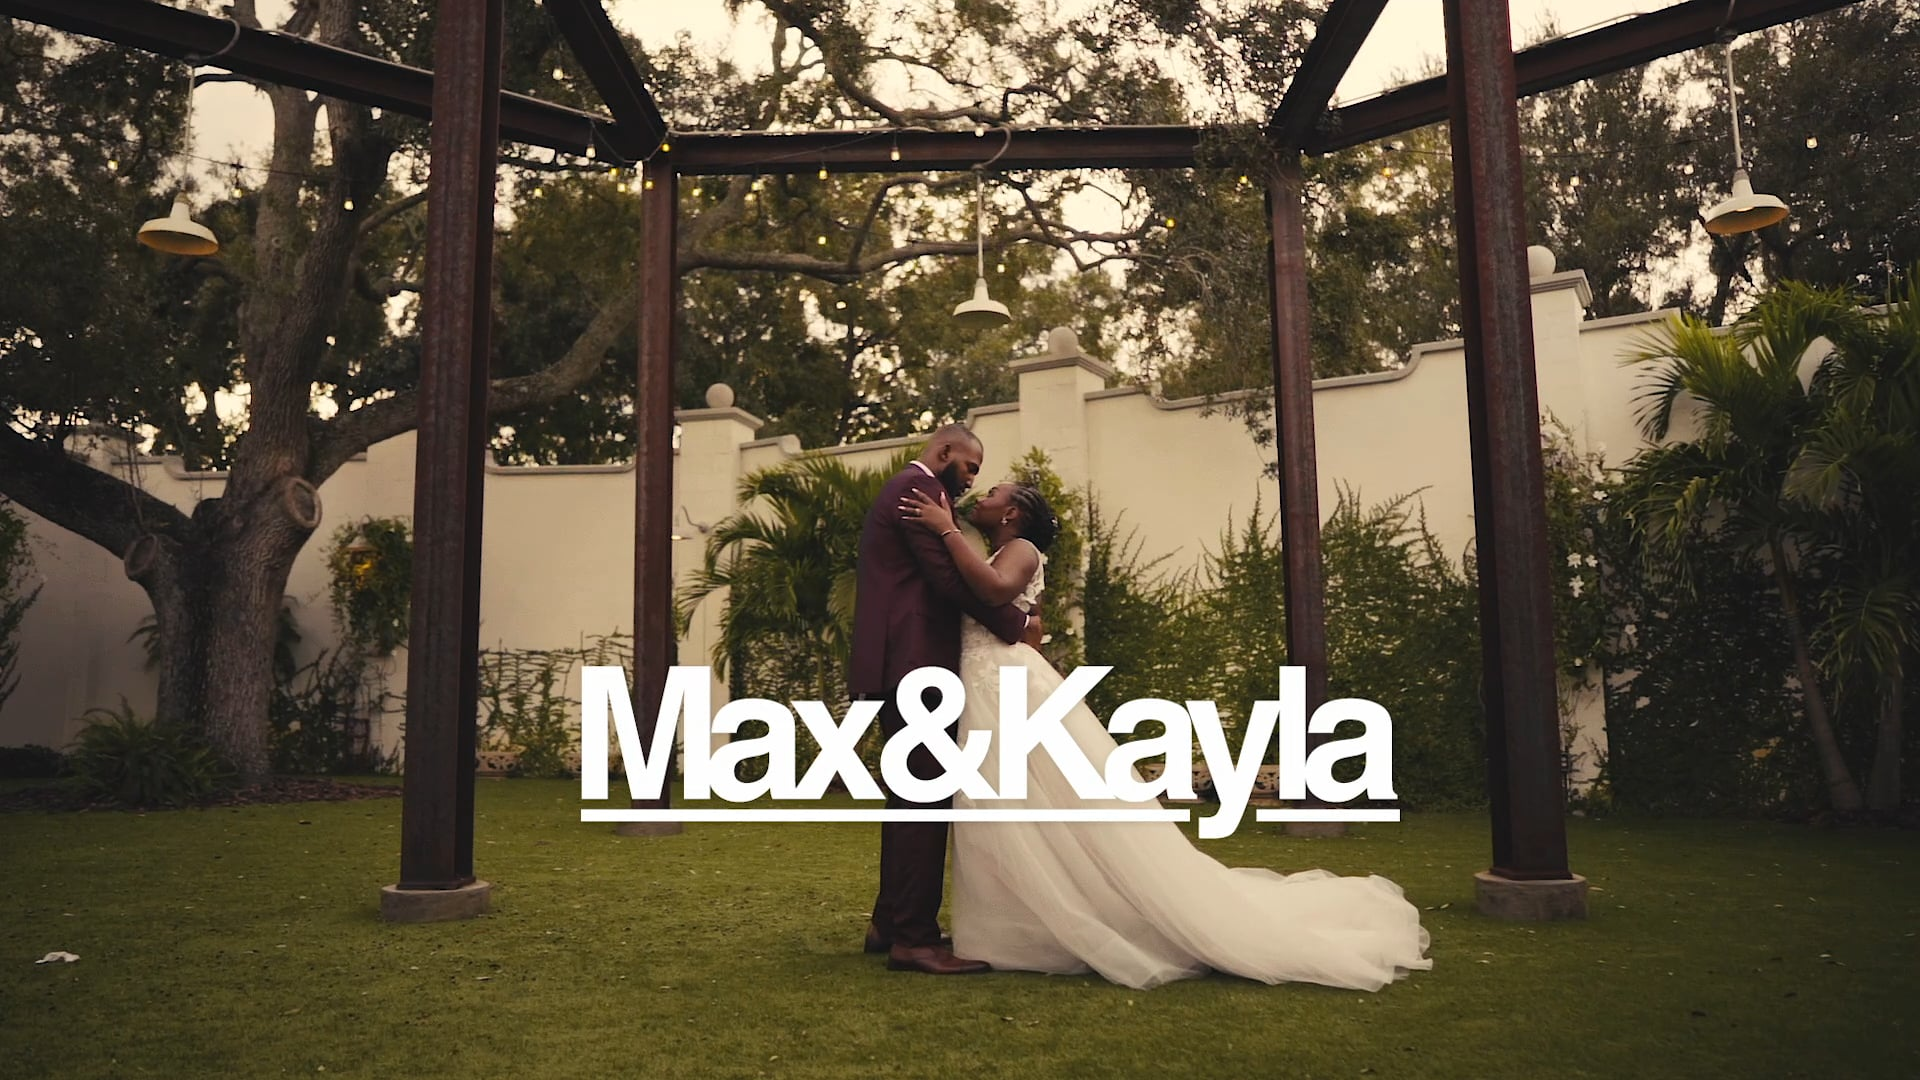 Max & Kayla